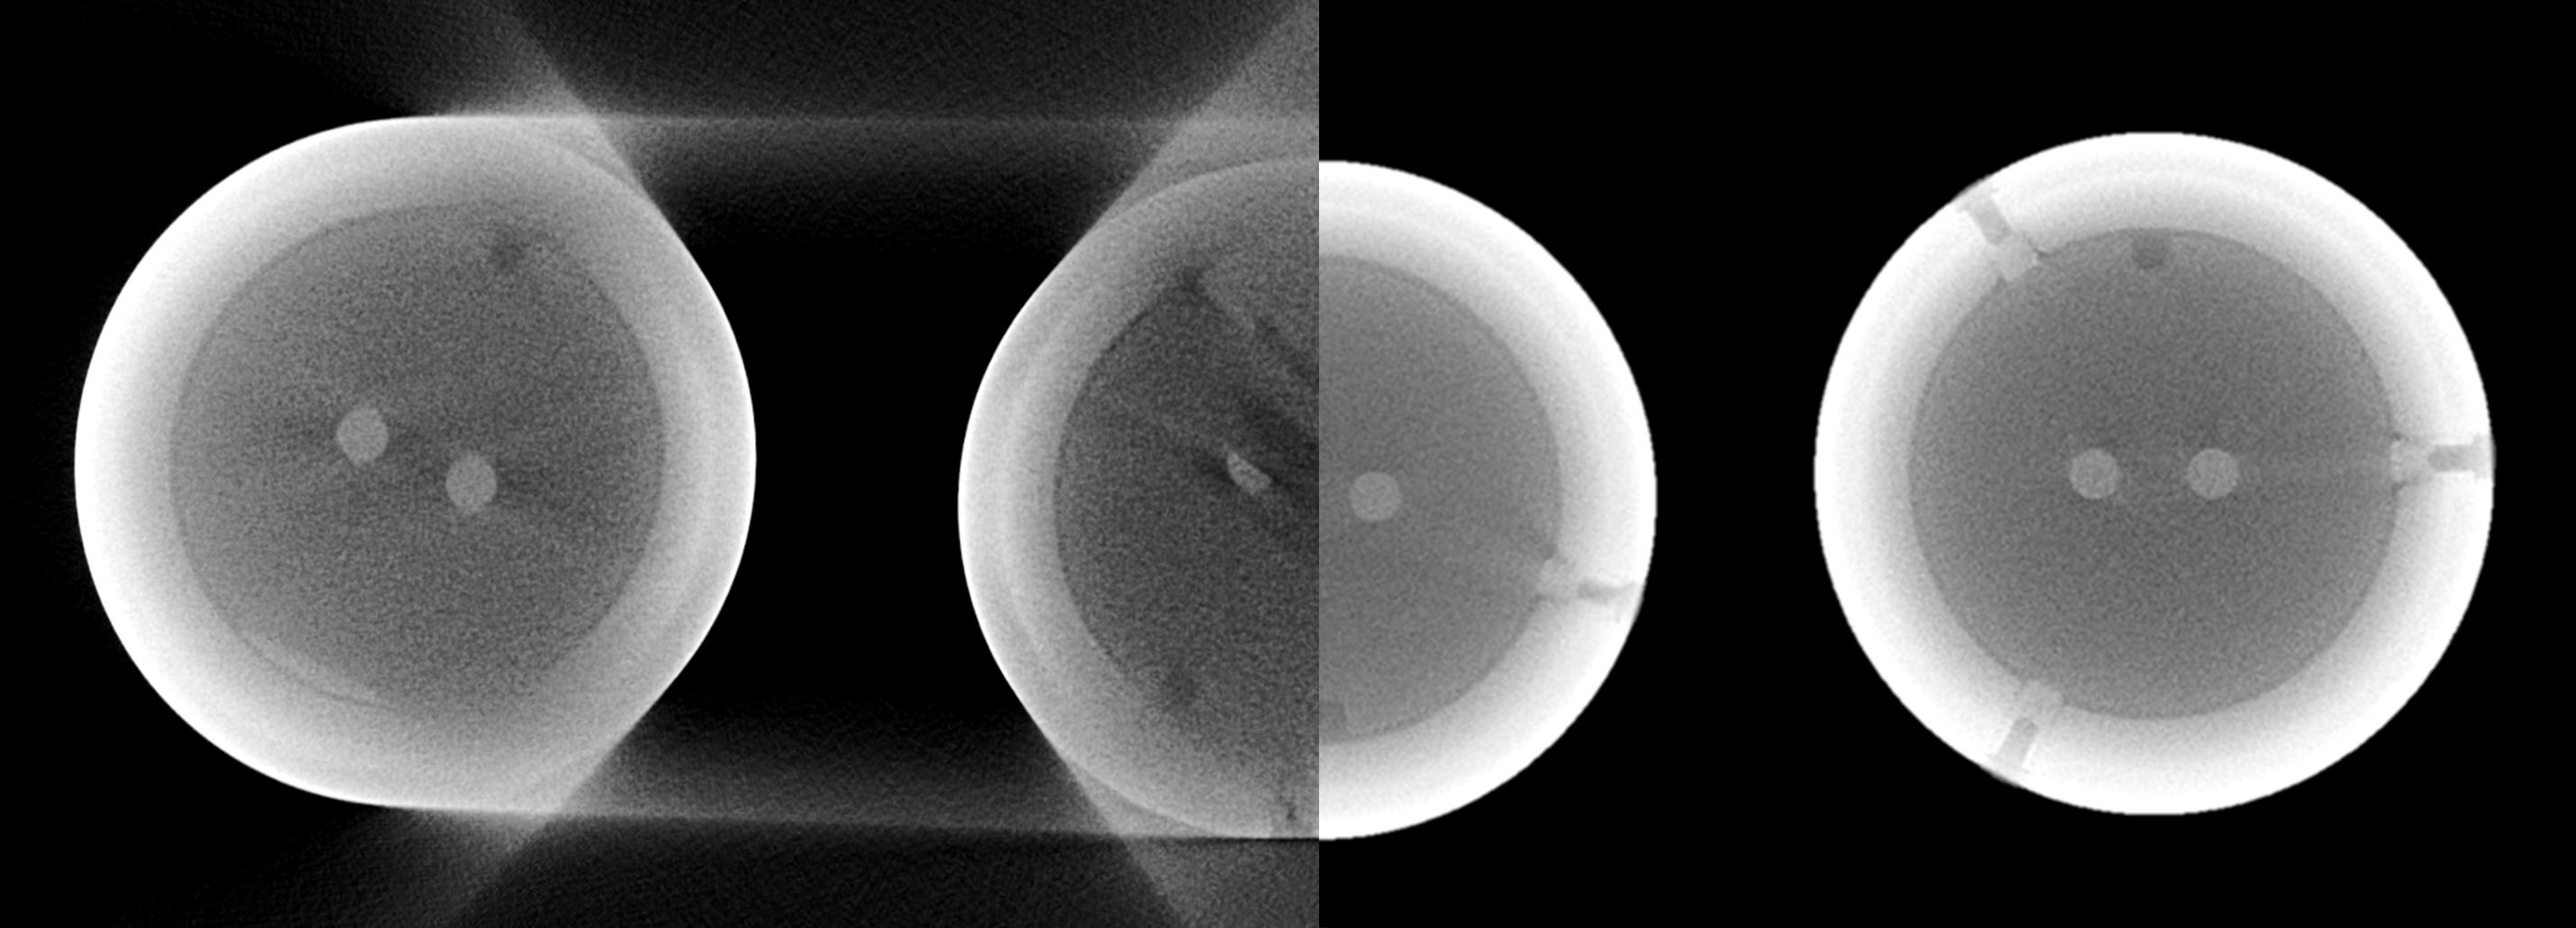 Filament eines Röntgenstrahlungsquelle - links konventioneller 3-fach Scan | rechts PolyCT Scan